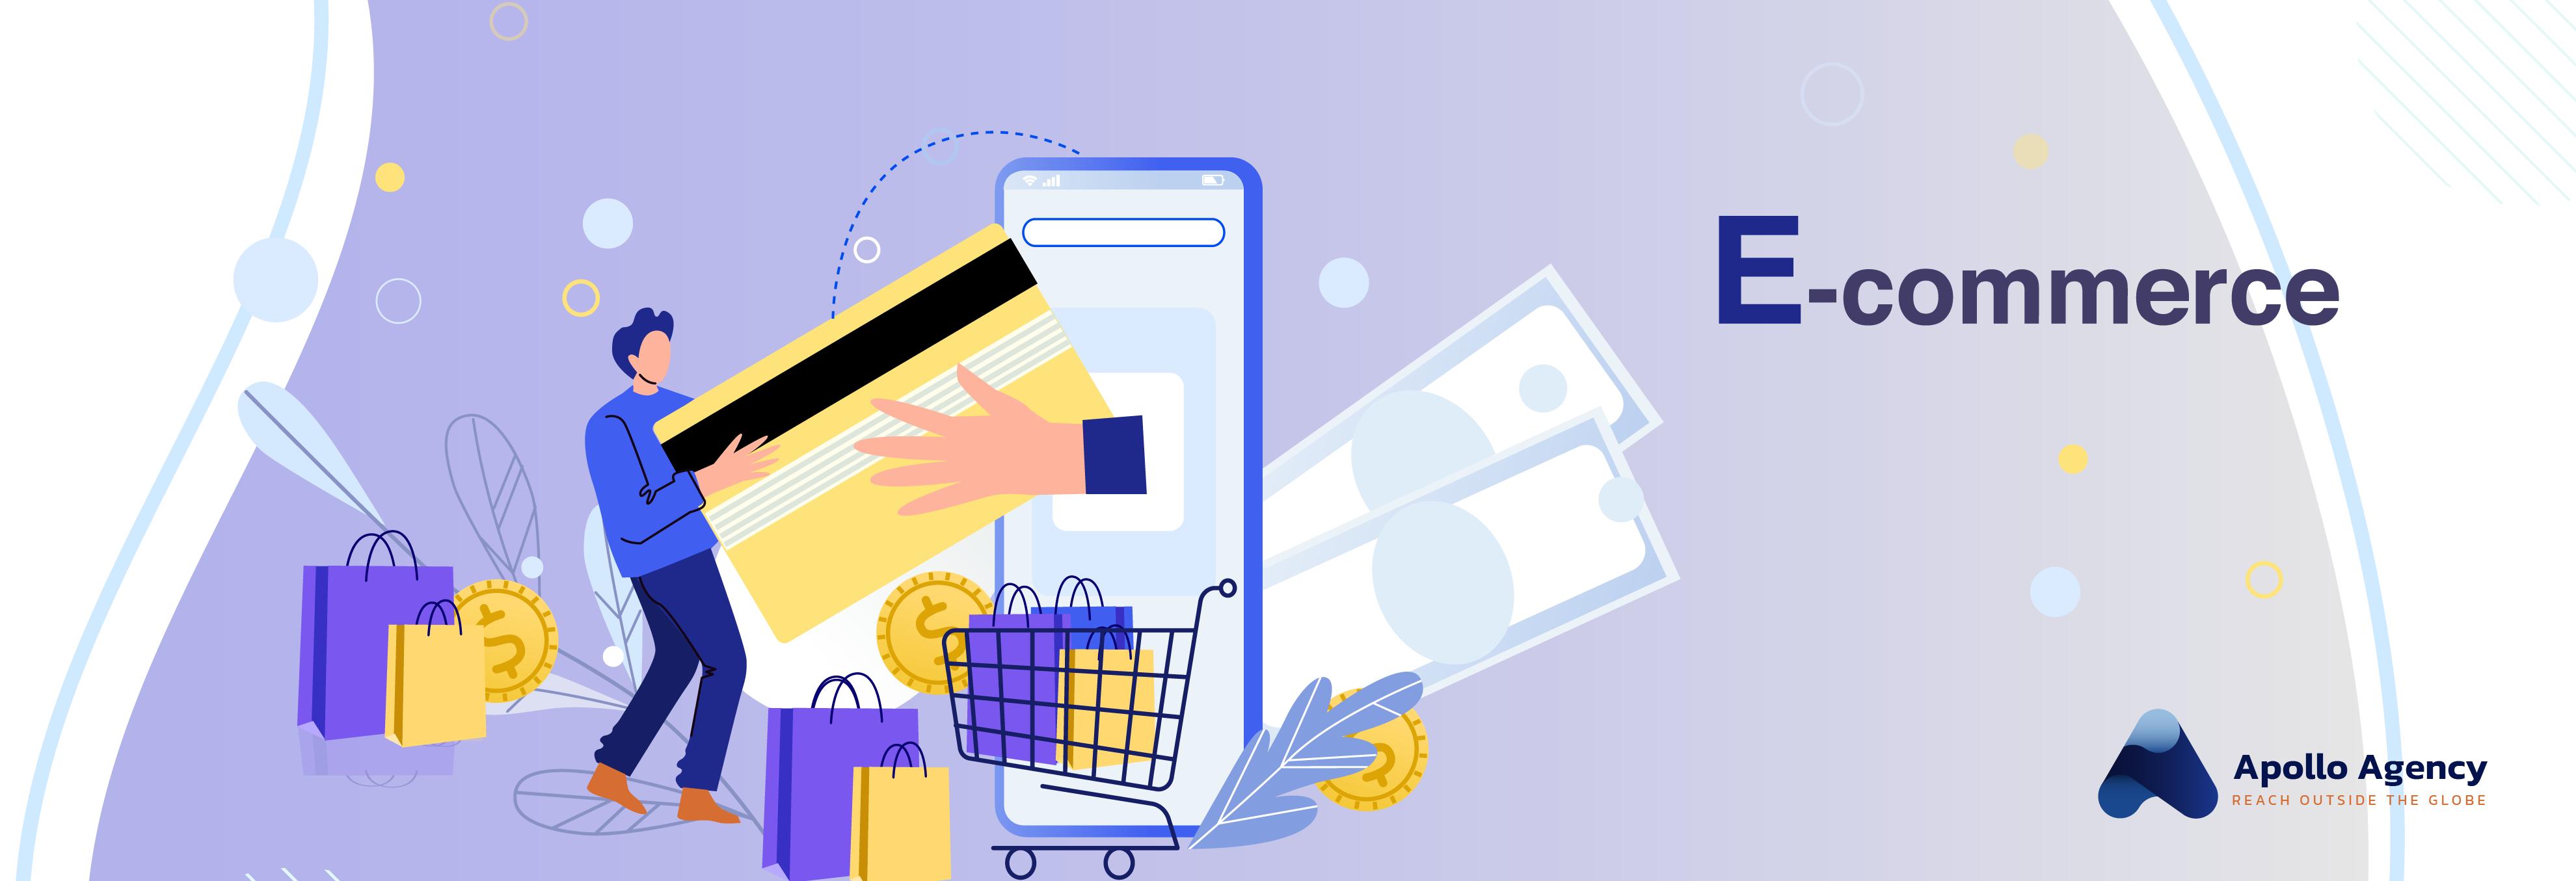 ما هي أهمية المتاجر الإلكترونية وبماذا تستفيد منها